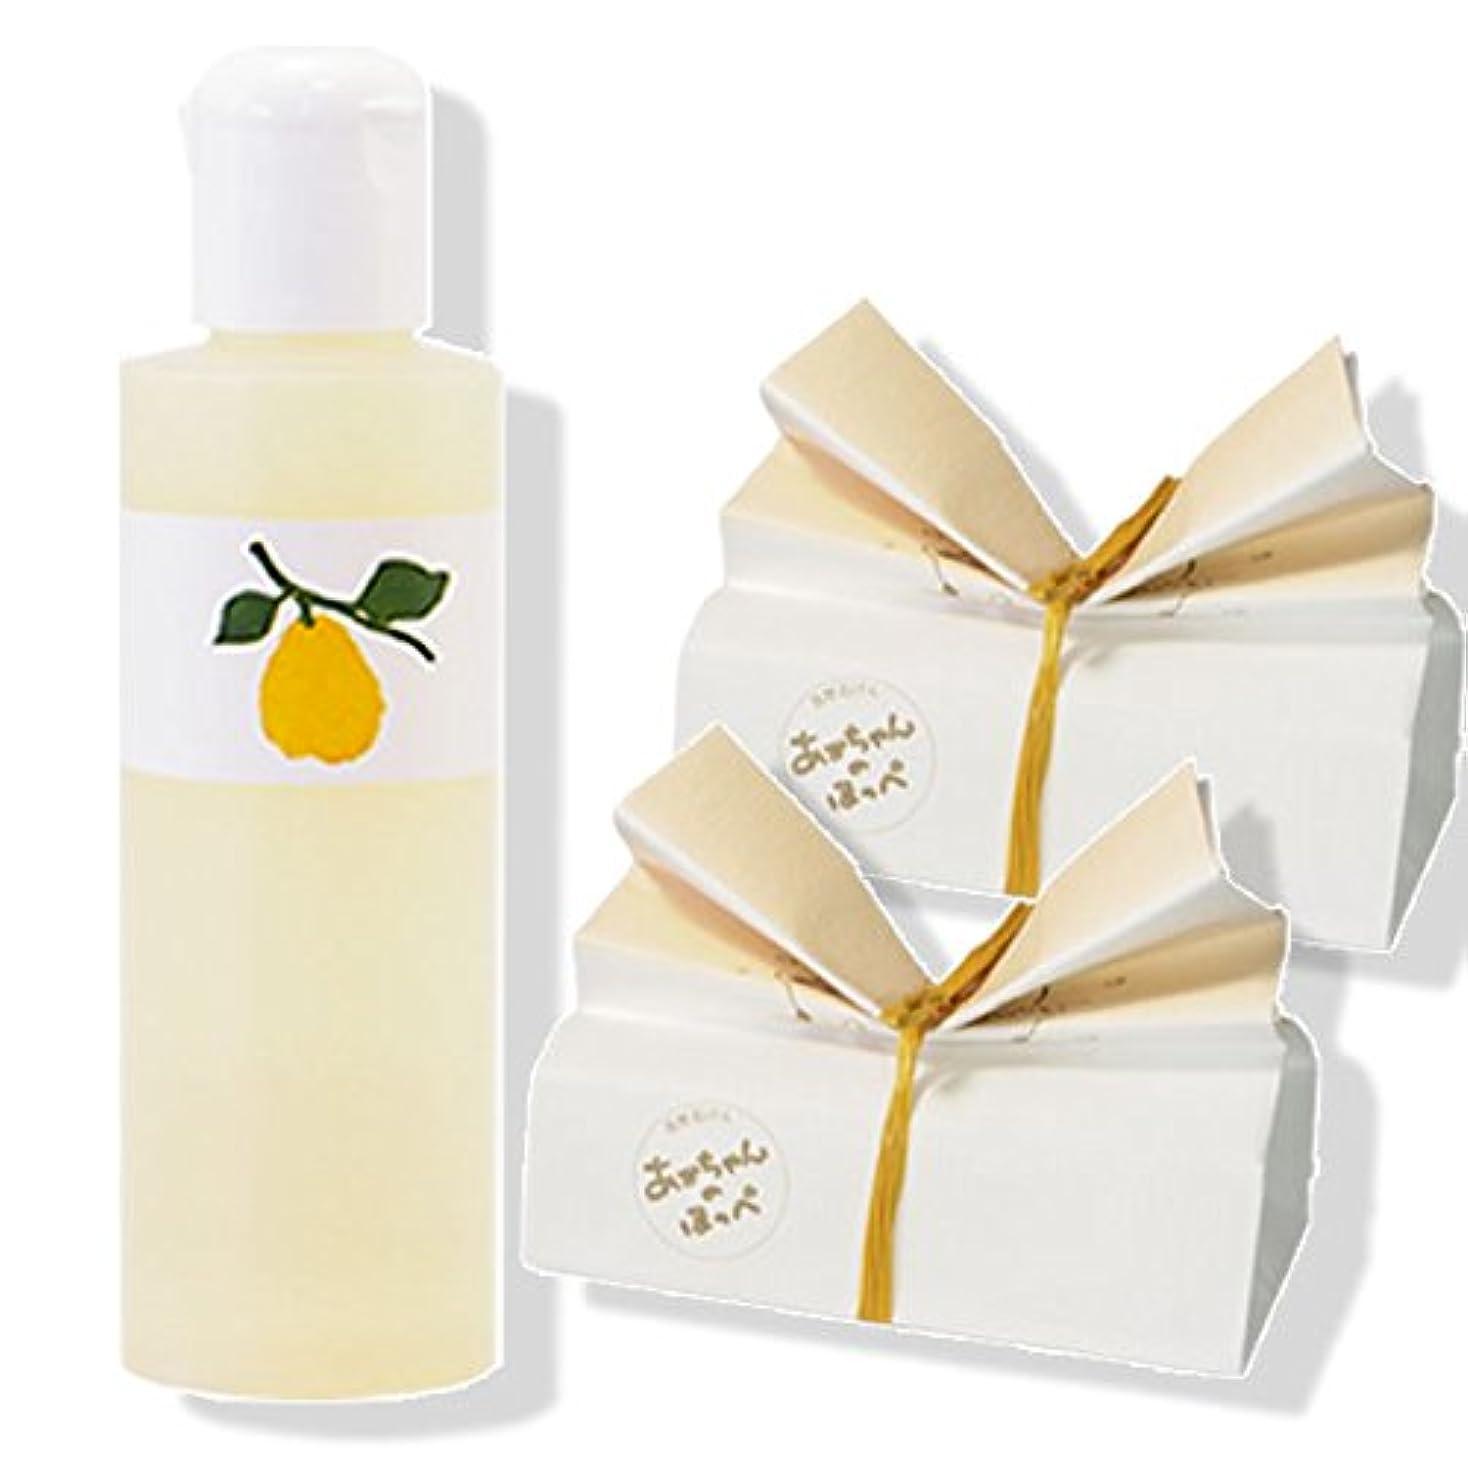 共役意味バンケット「花梨の化粧水」1本 & 「あかちゃんのほっぺ」石鹸 2個セット